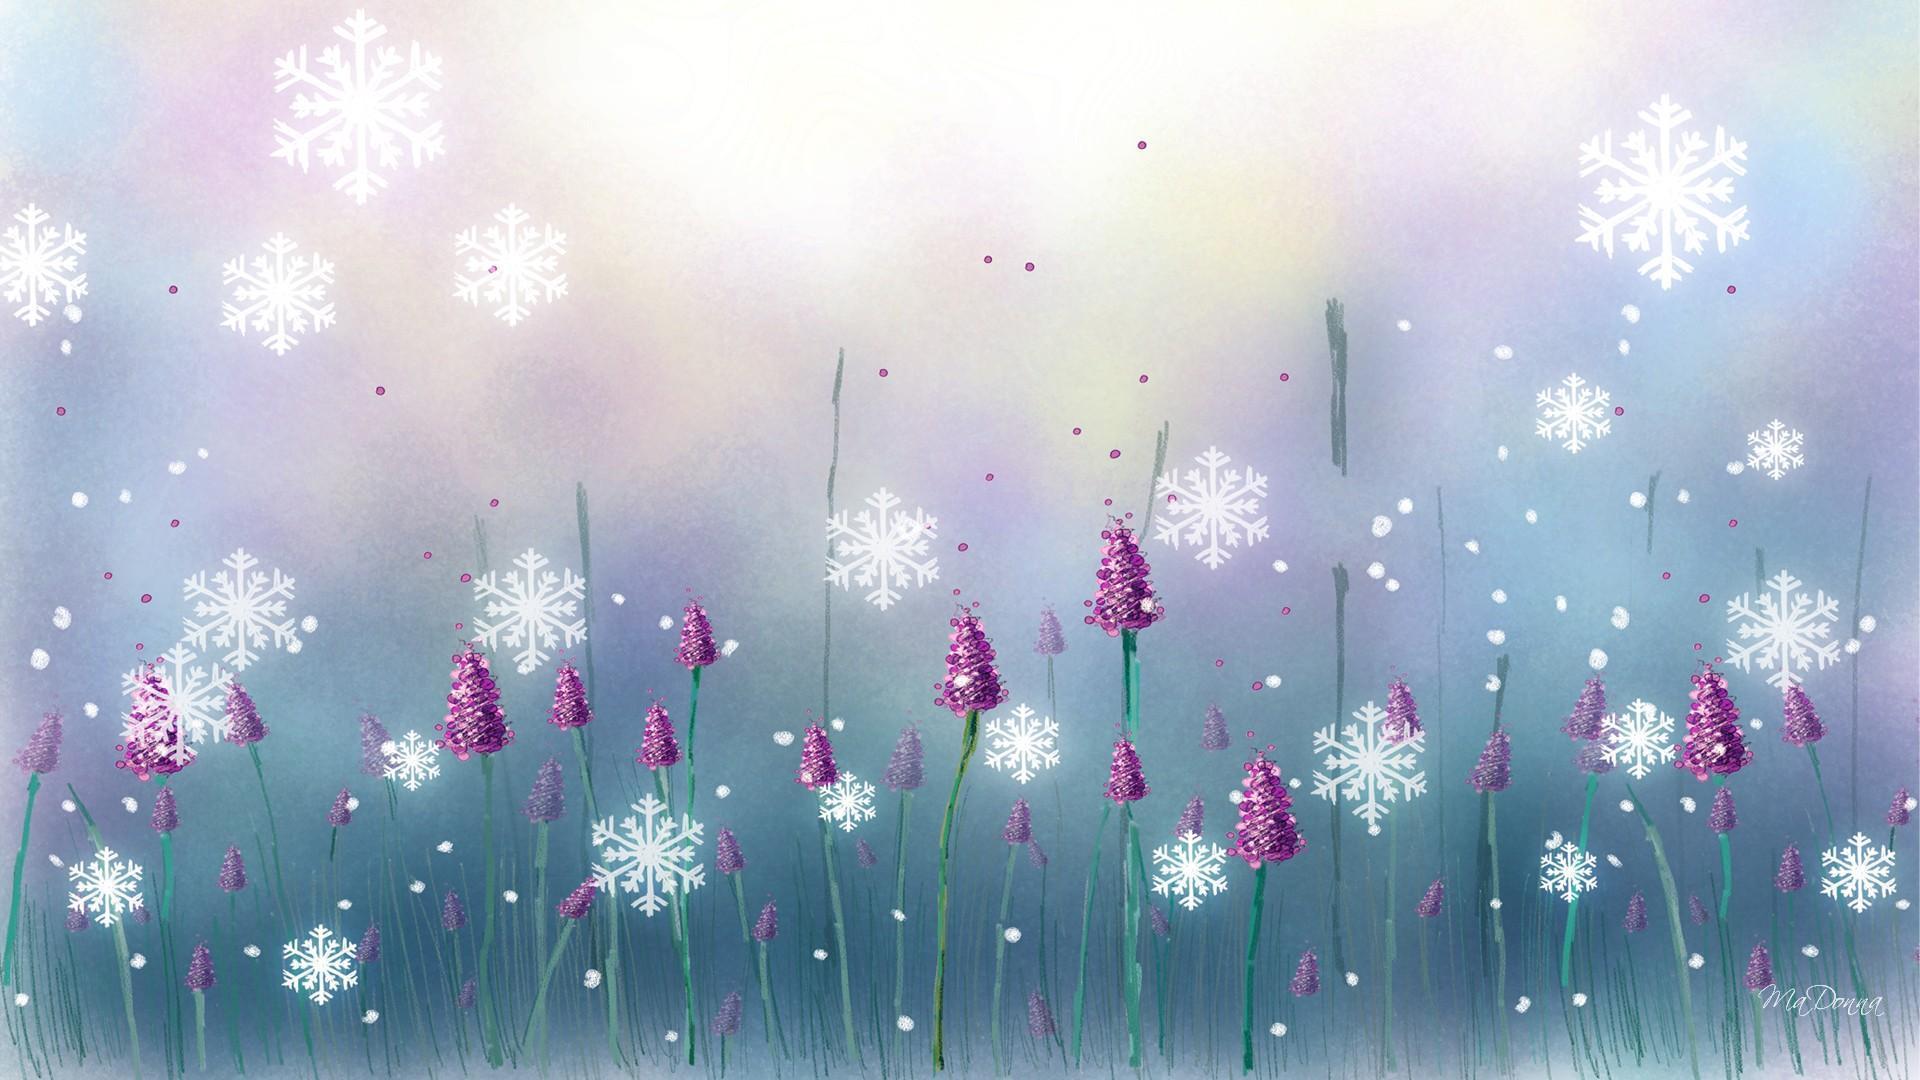 Animated Snow Falling Wallpaper Free Download Tuyết Rơi Tr 234 N Desktop Wallpaper Hoa Hd M 224 N H 236 Nh Rộng độ